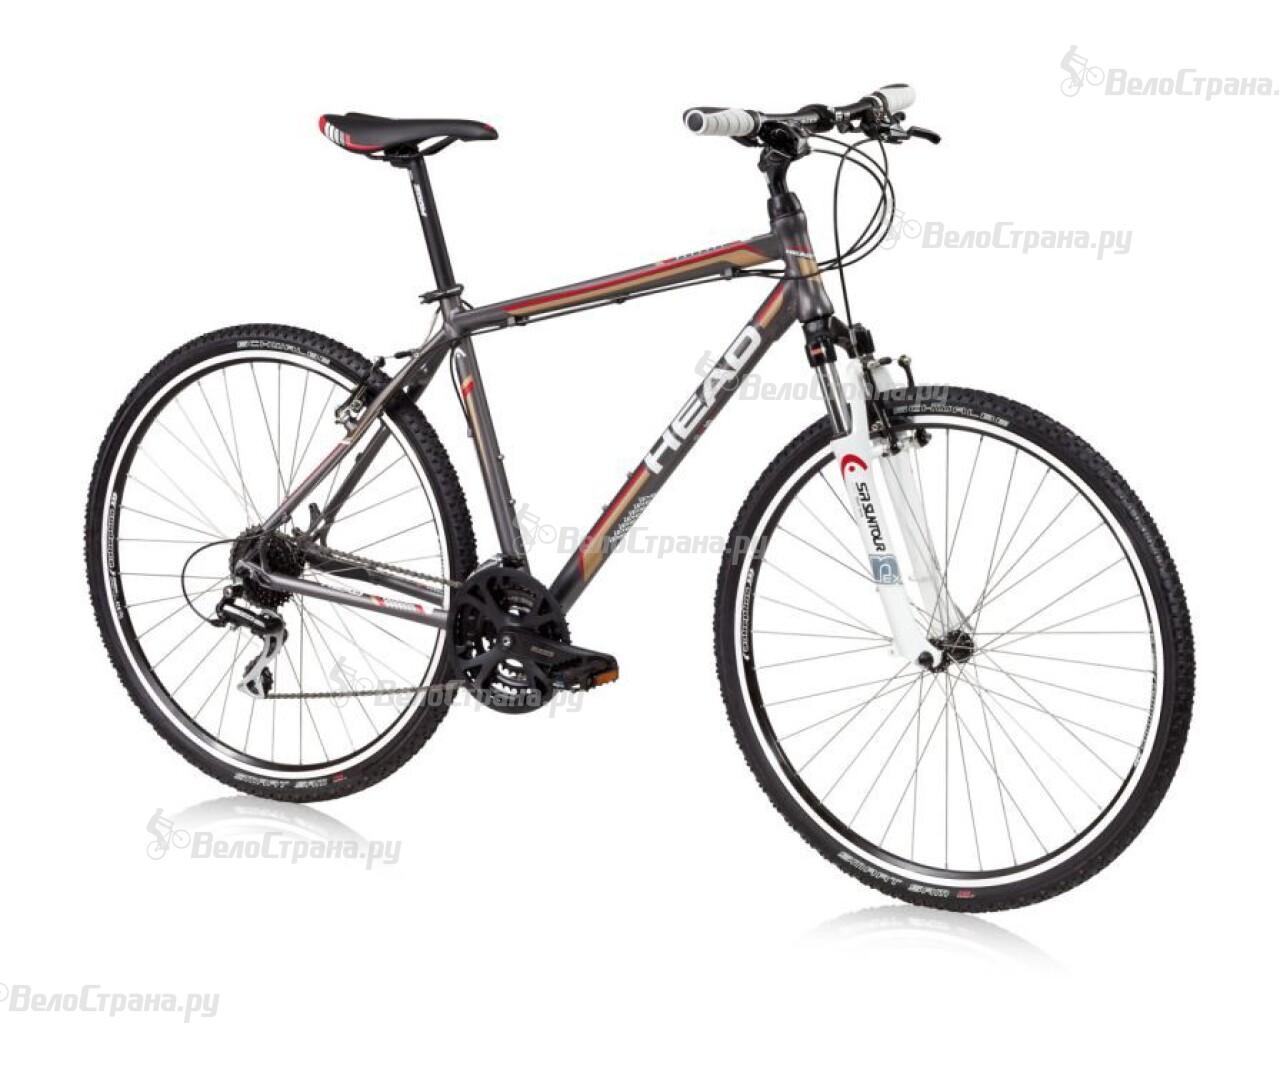 Велосипед Head I-Peak 2 (2014)